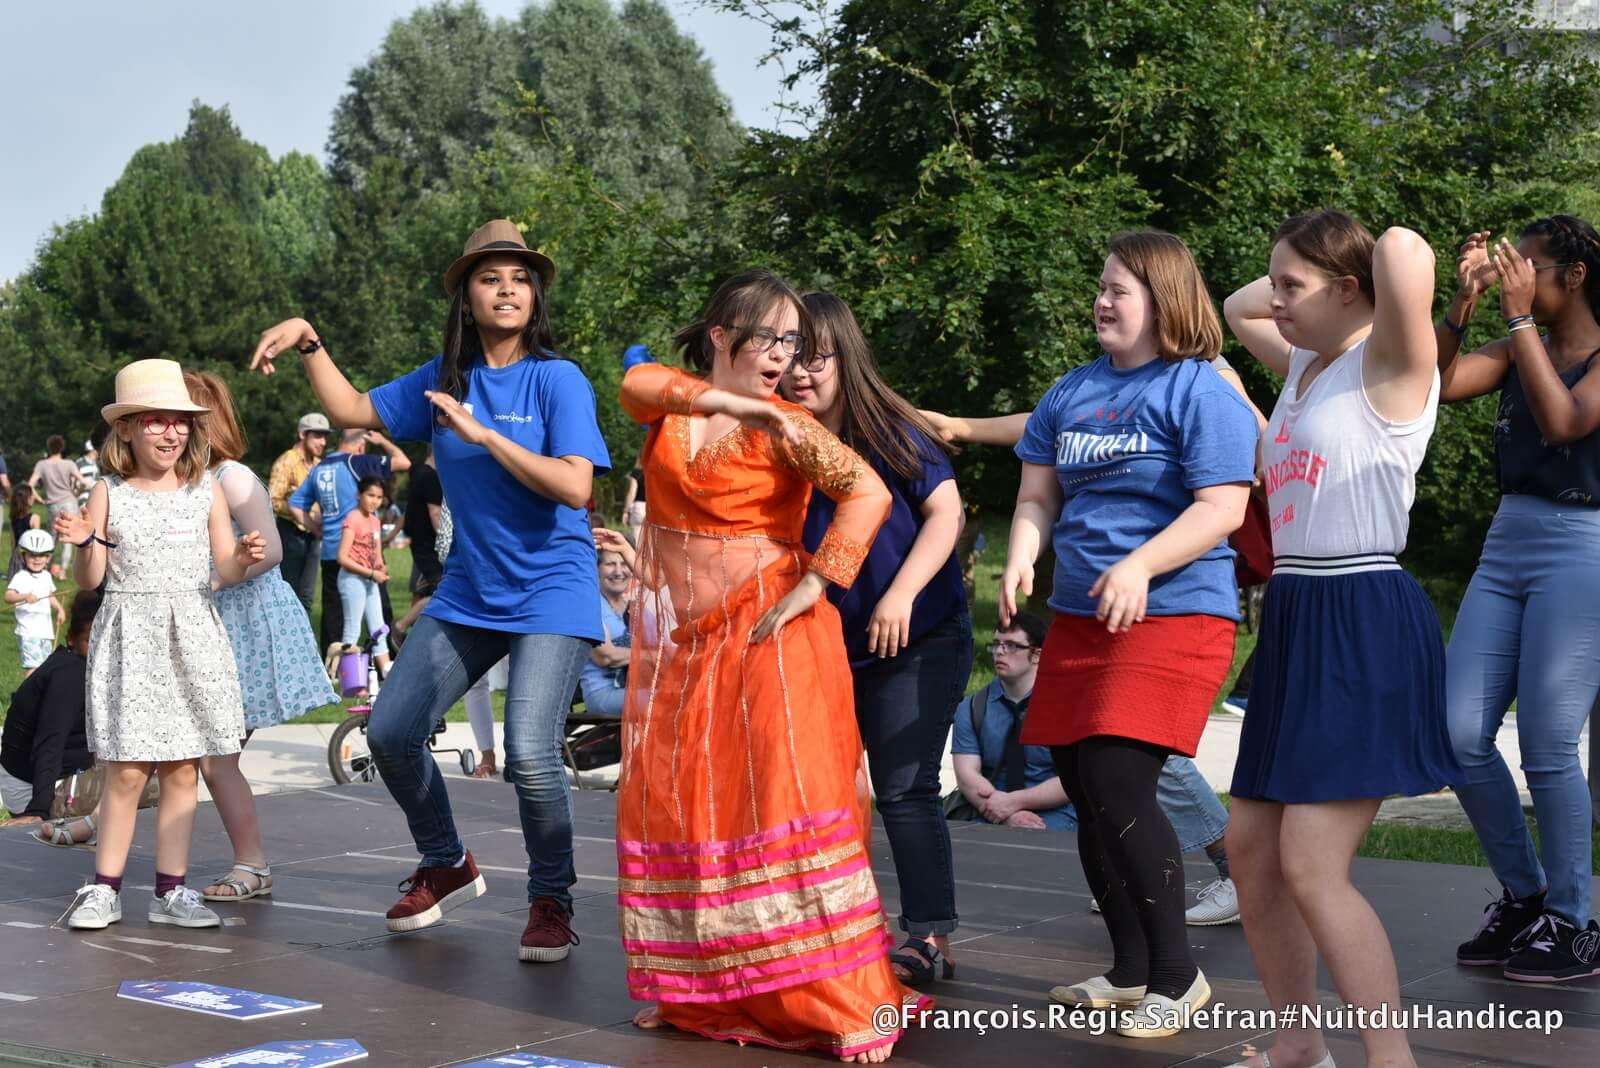 Jeune fille trisomique en train de danser sur scène pour la Nuit du handicap